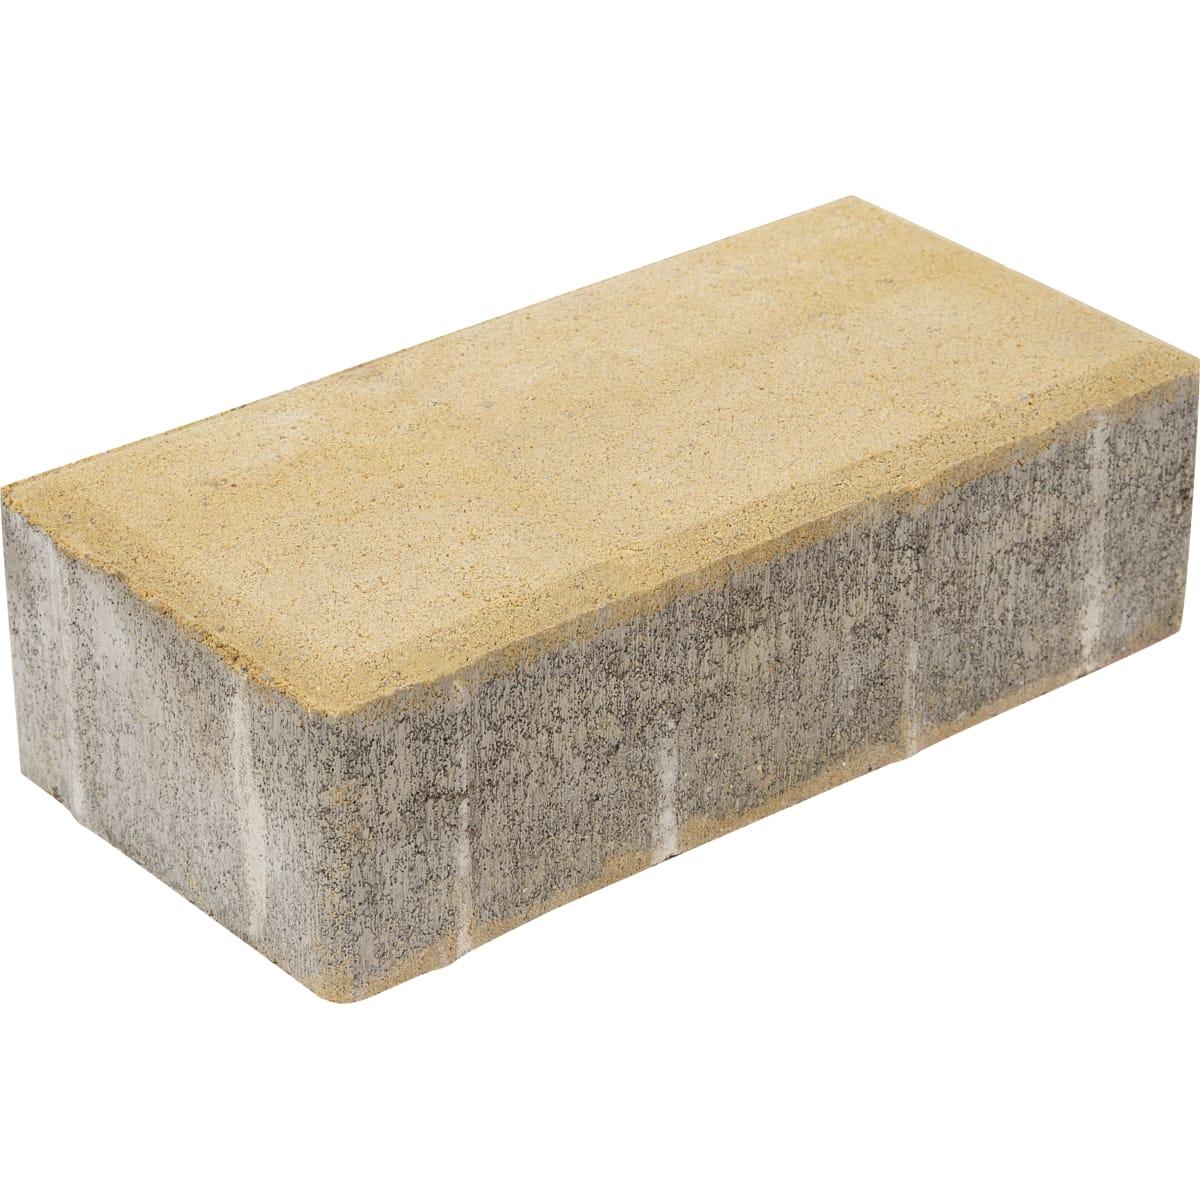 Плитка тротуарная прямоугольная Braer 200х100x60 мм цвет песочный